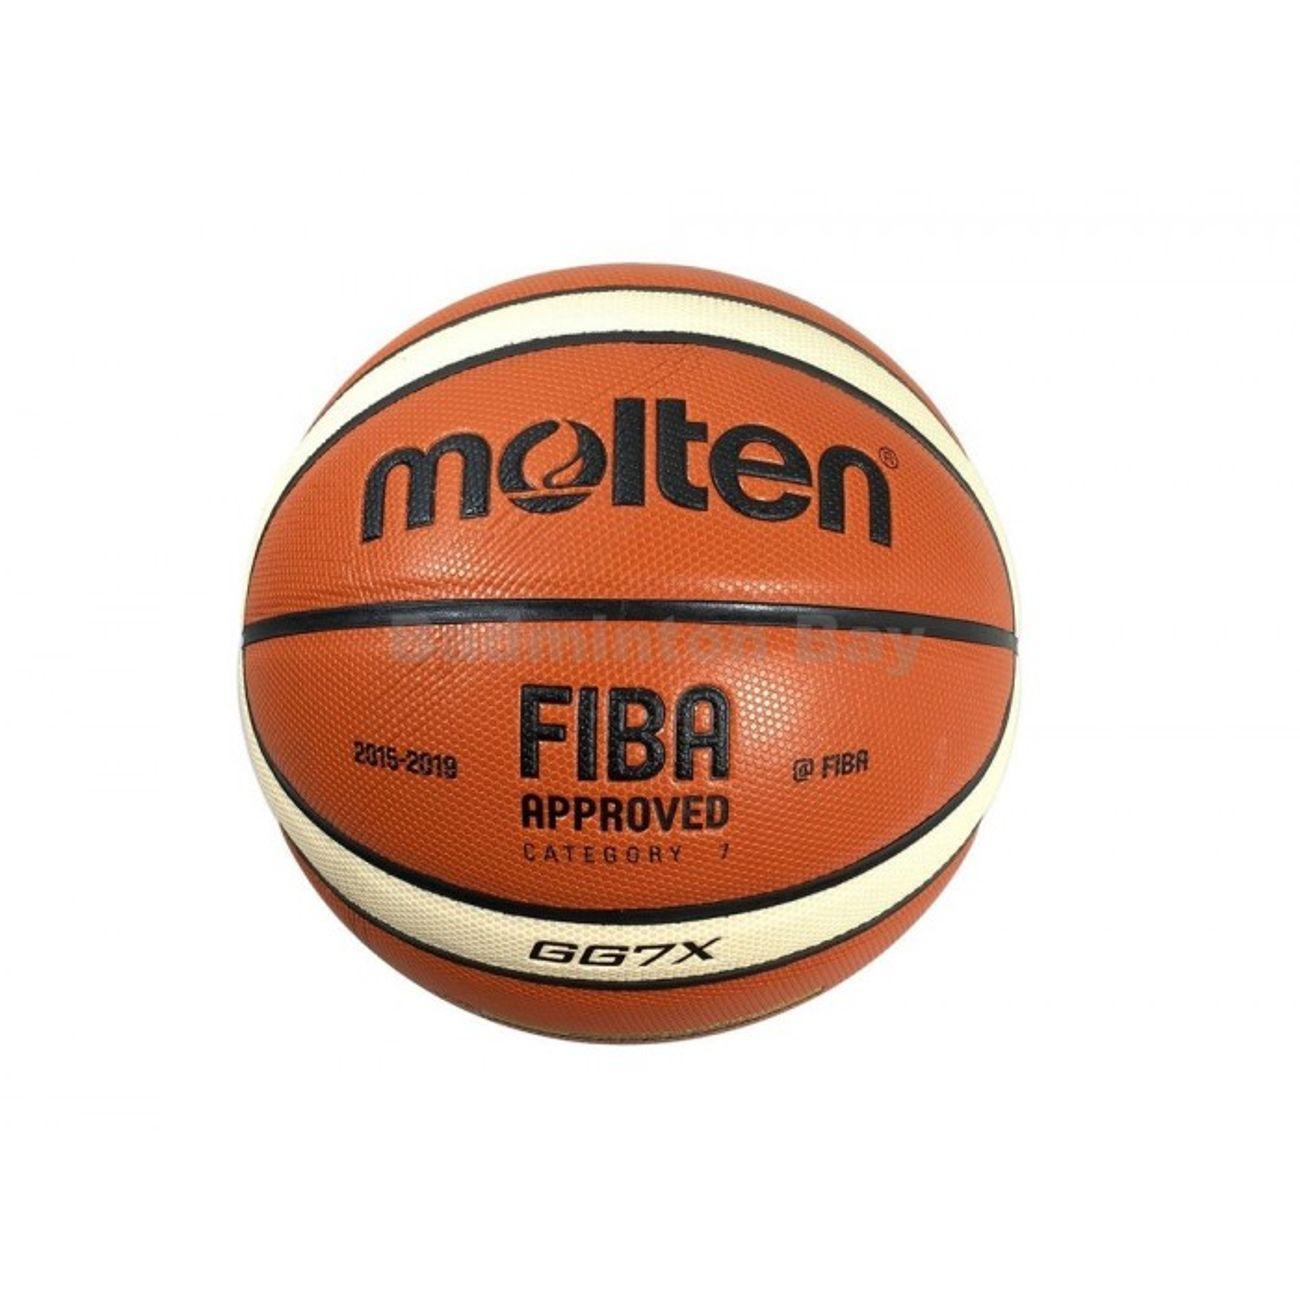 7ce7065a9760d Ballon de basket Molten GGX7 taille 7 – achat et prix pas cher - Go ...